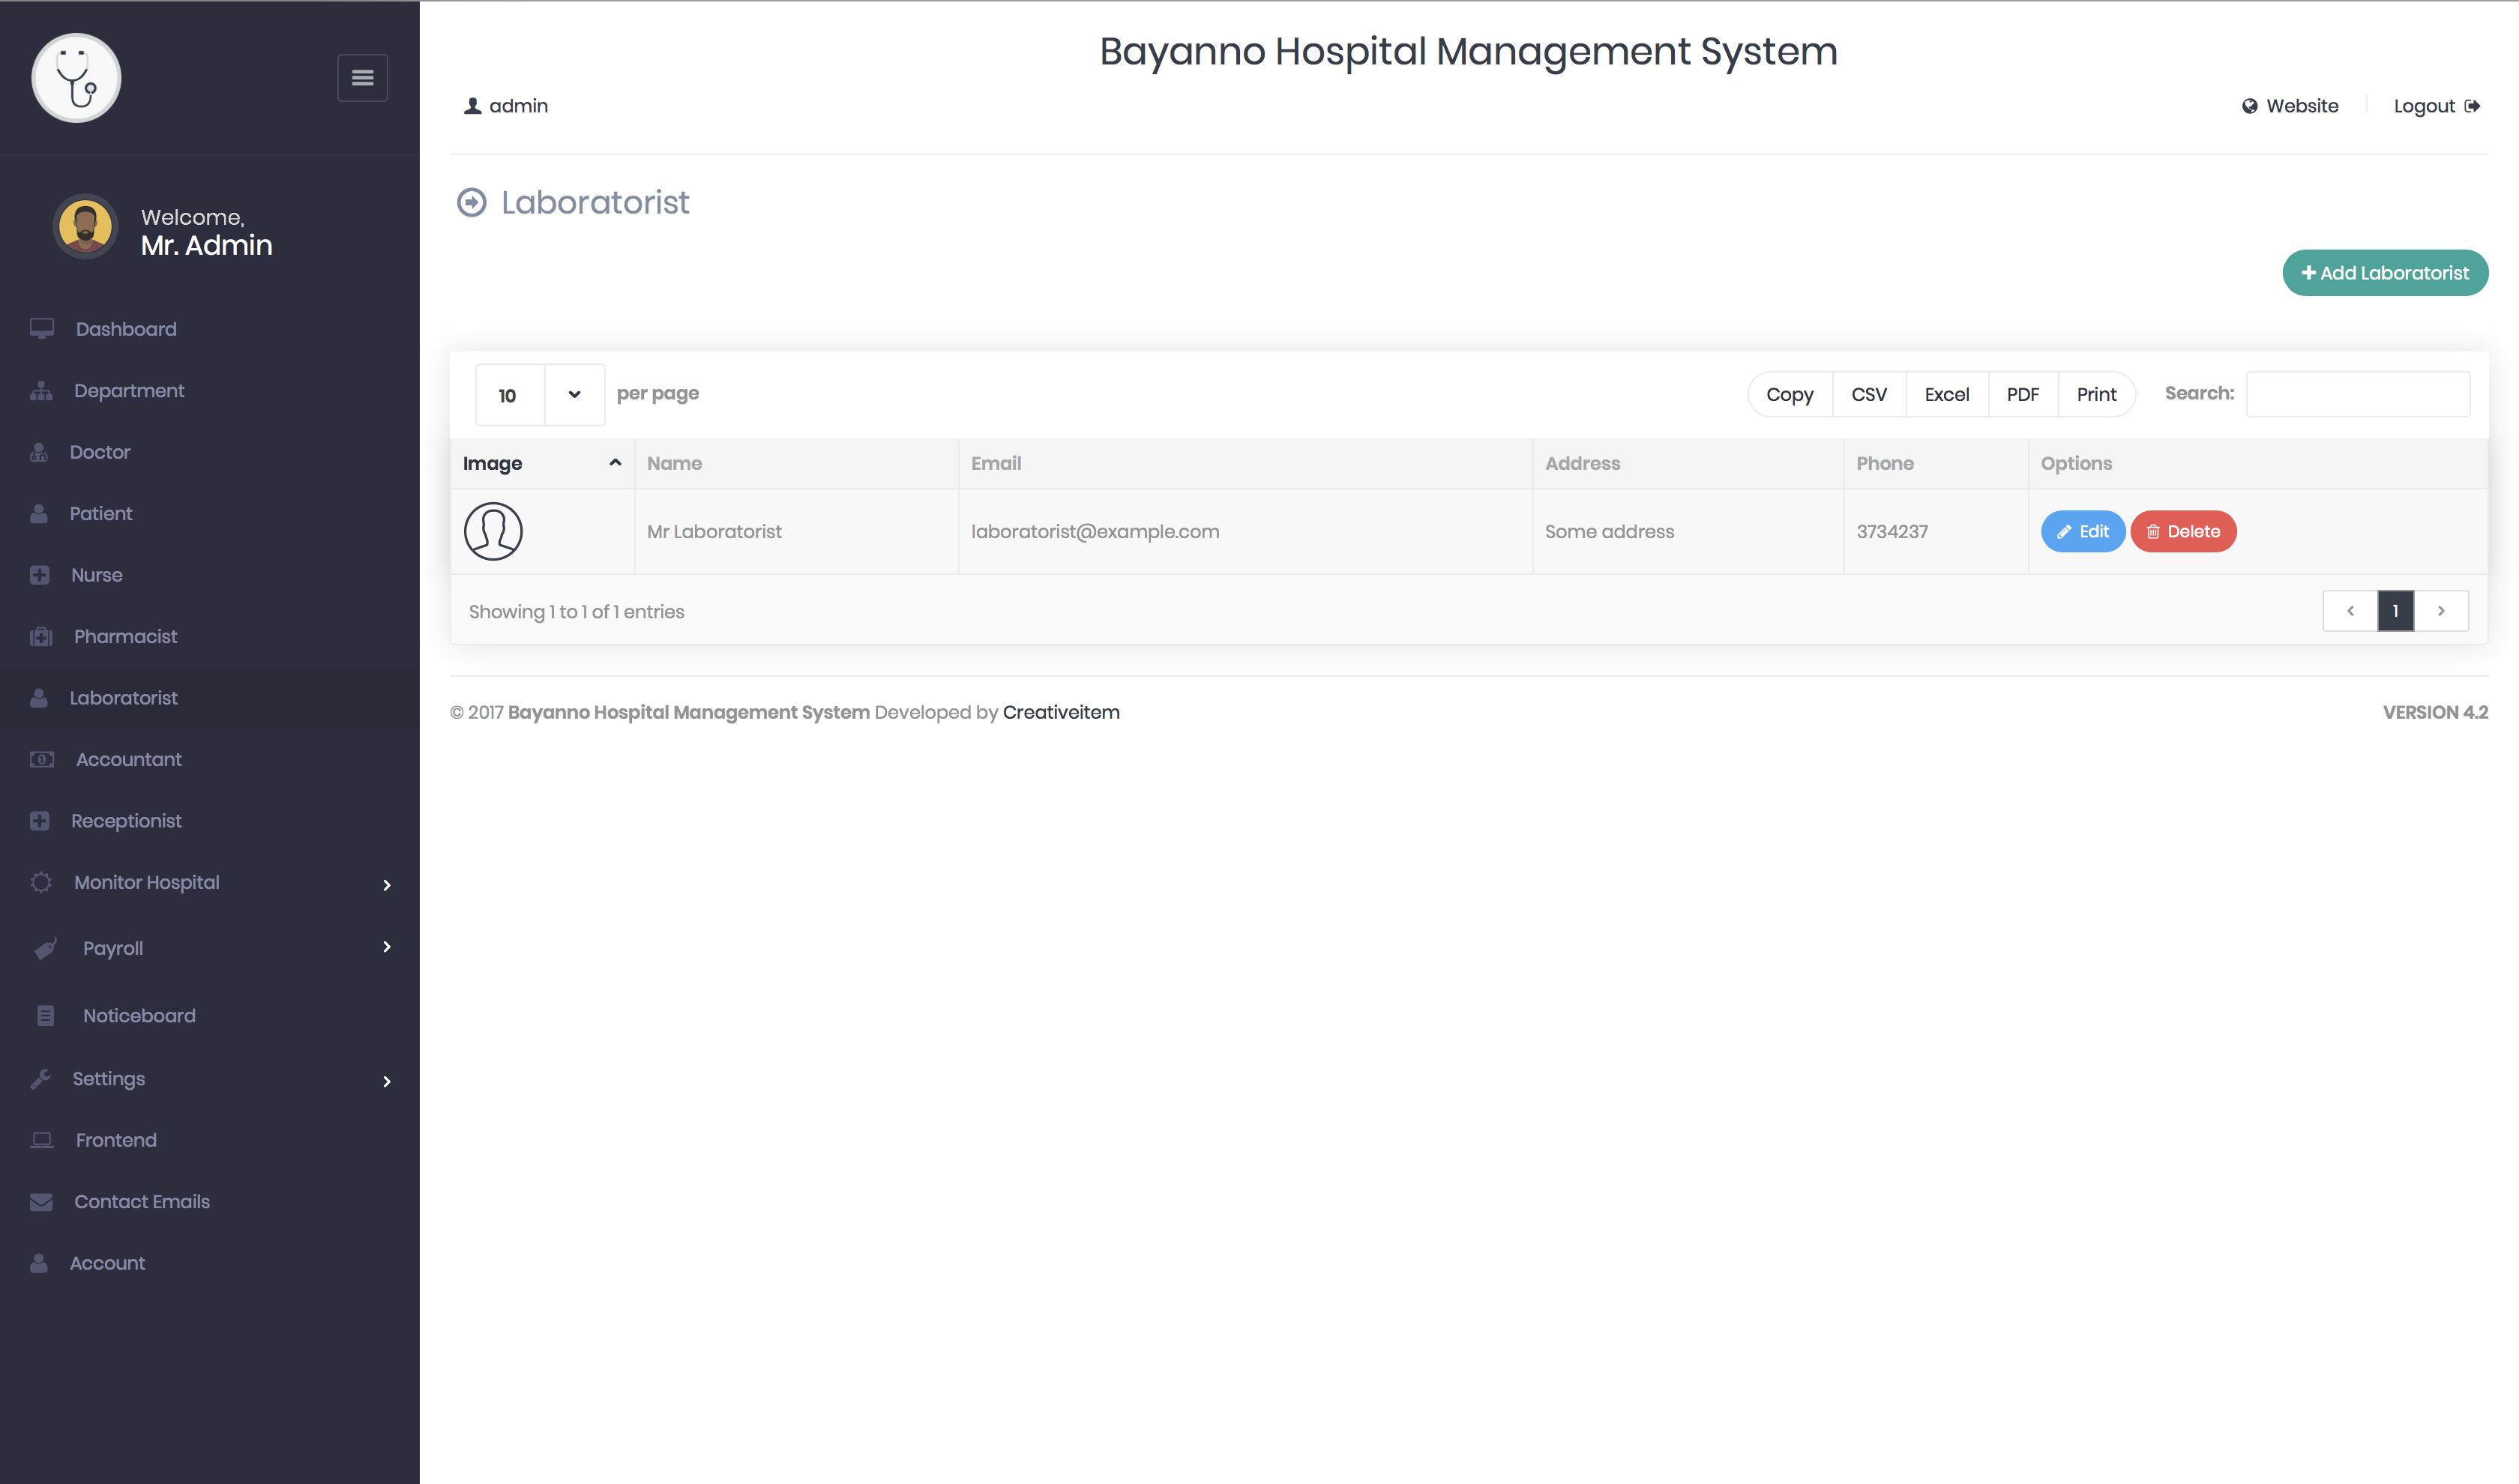 Bayanno Hospital Management System